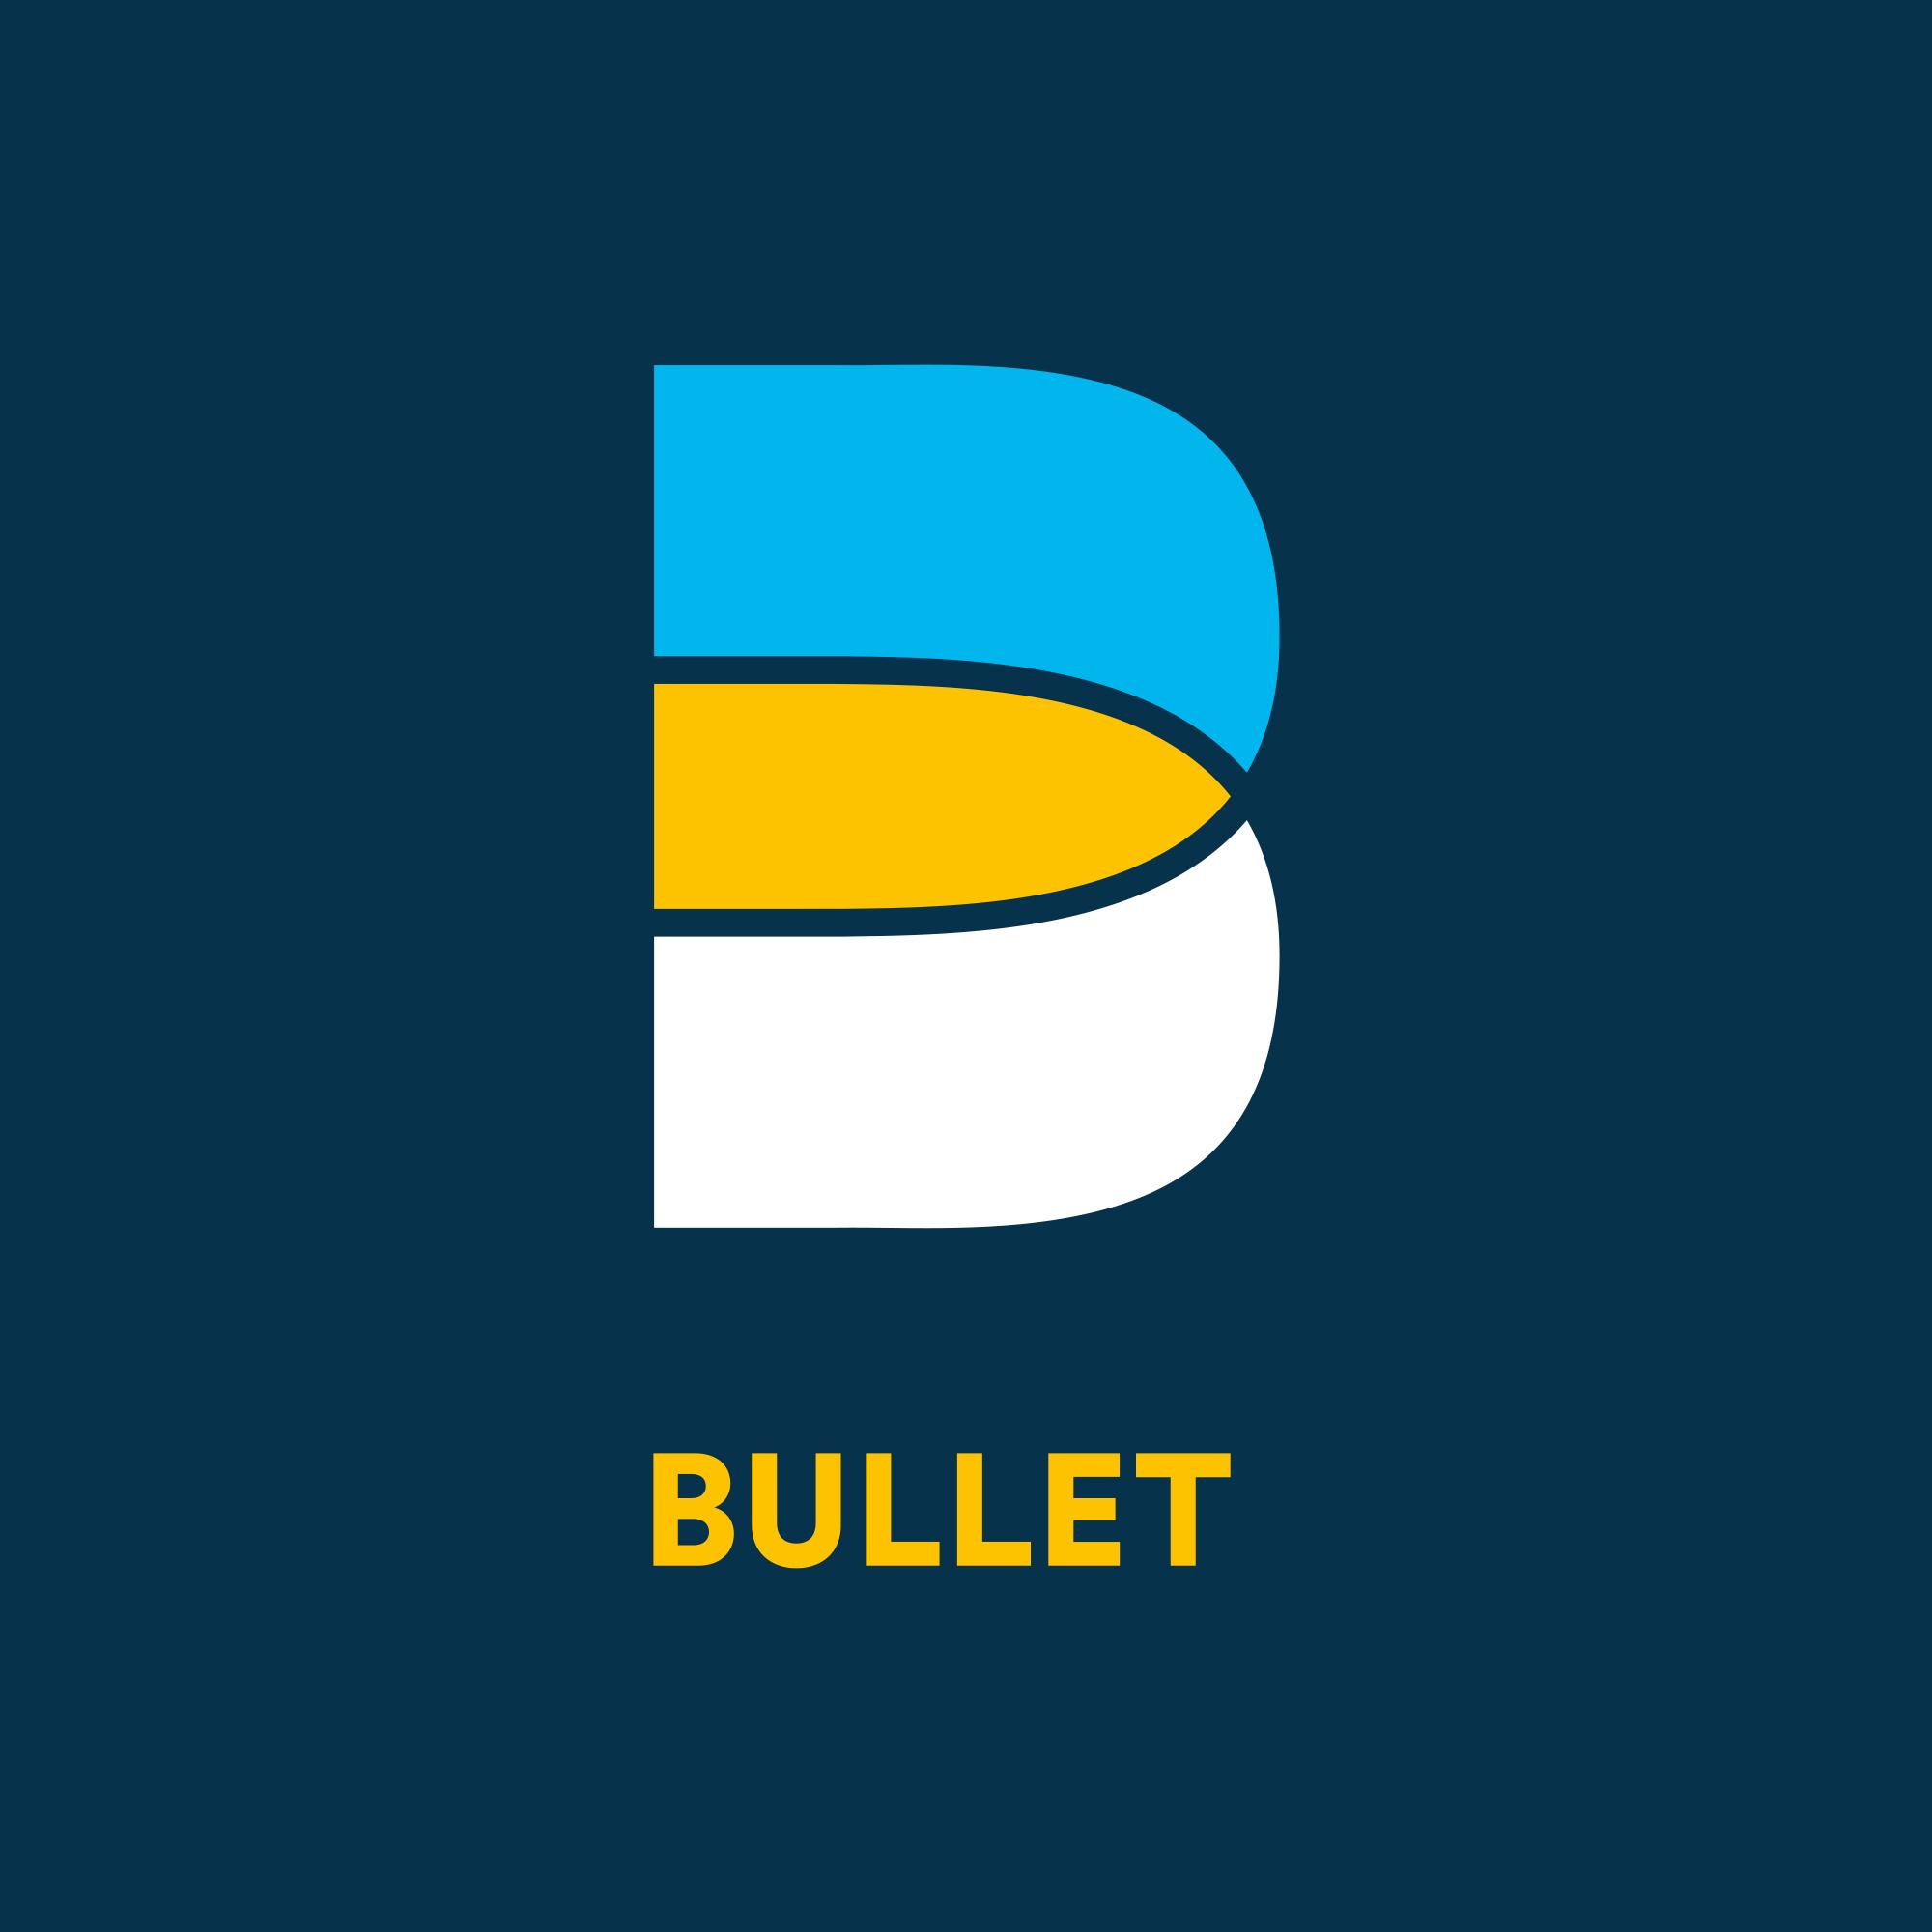 Logo design for Bullet